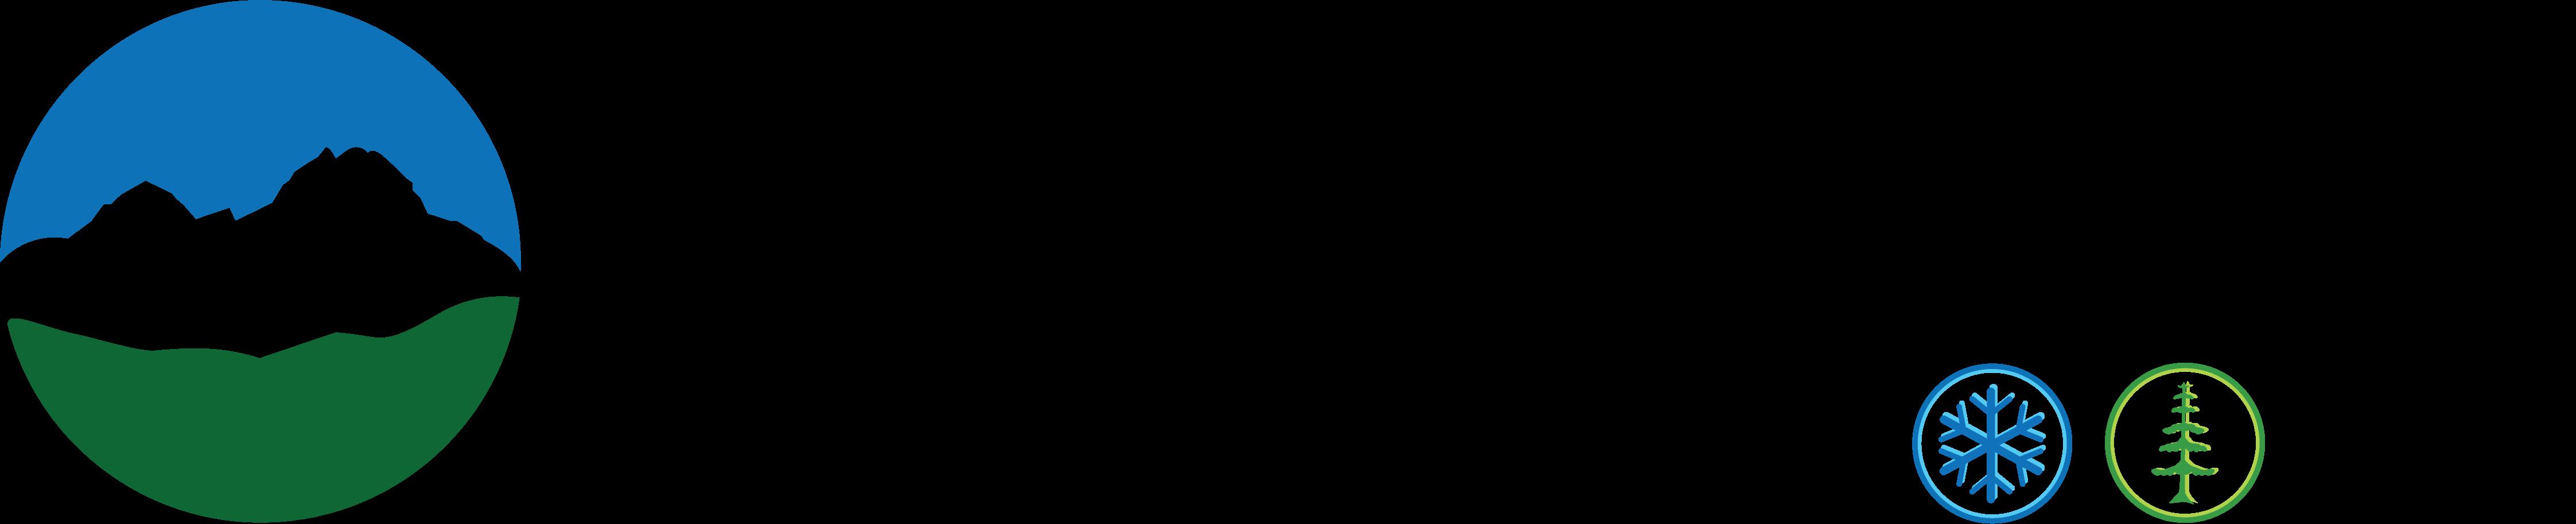 Malyovitsa ski